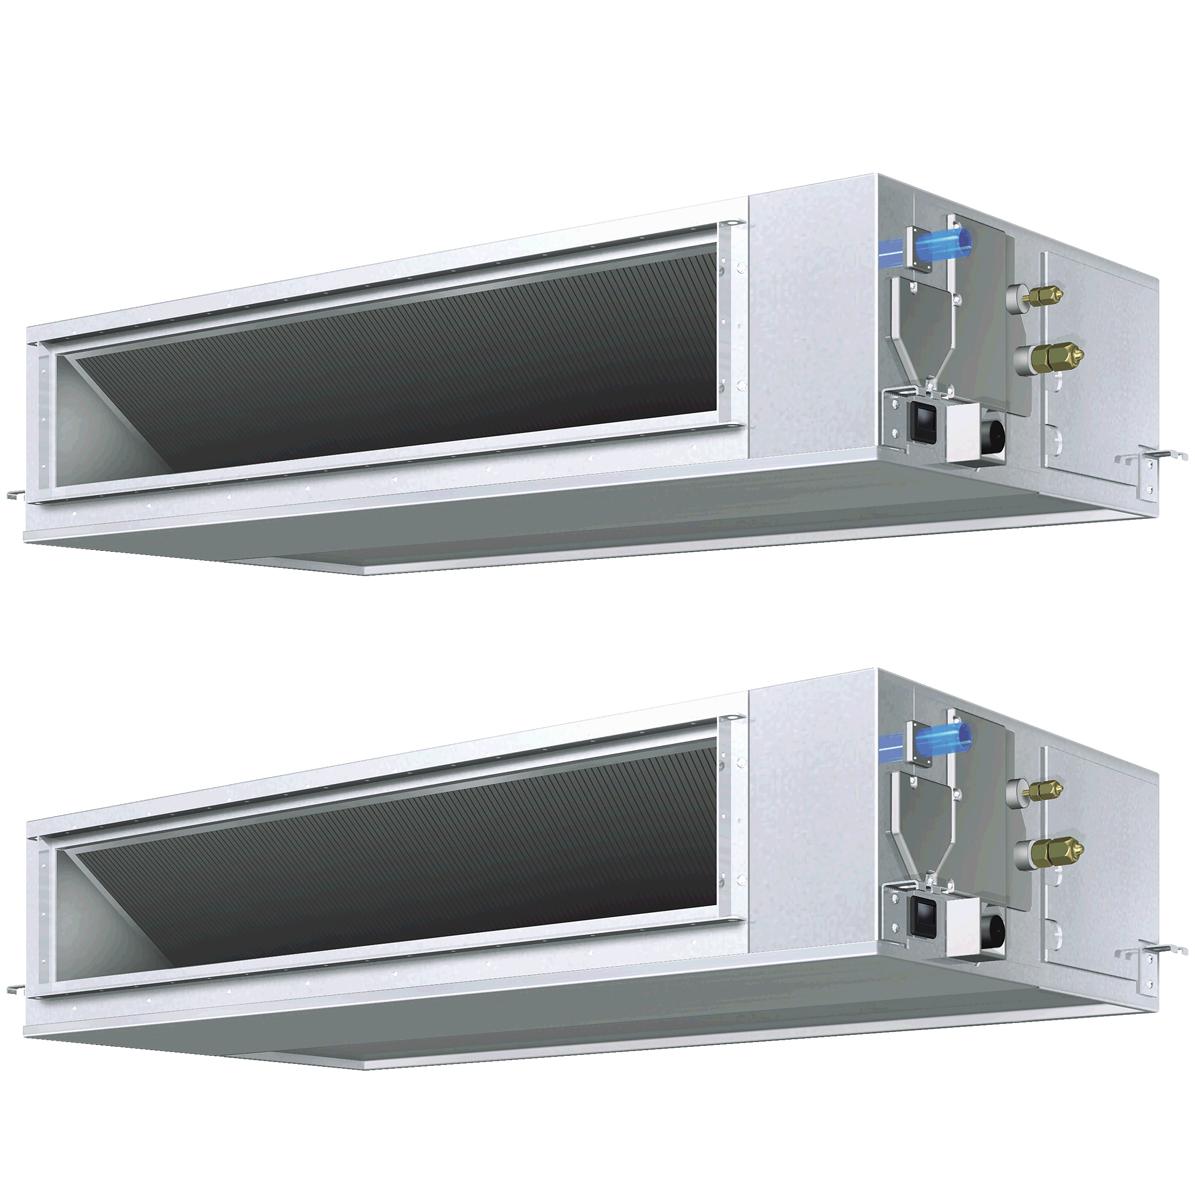 ###ダイキン 業務用エアコン【SZZM224CJD】[分岐管セット] 天井埋込ダクト形(高静圧タイプ) ツイン同時 8馬力 ワイヤード 三相200V Eco ZEAS